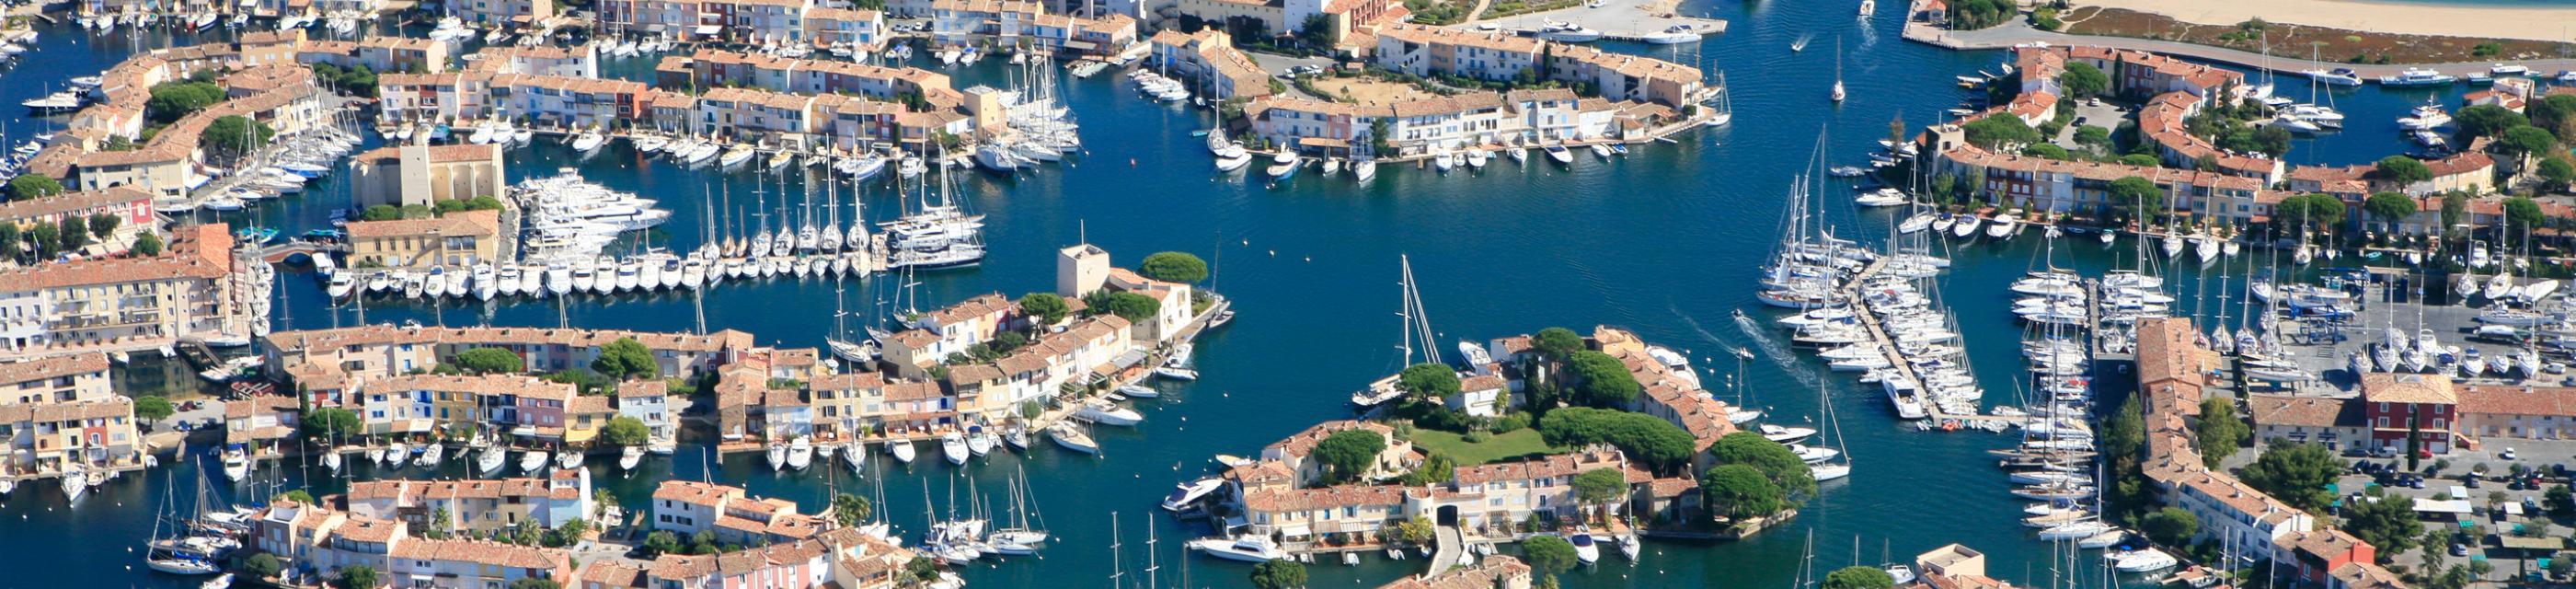 Port Grimaud : un parc immobilier unique au coeur de la Riviera